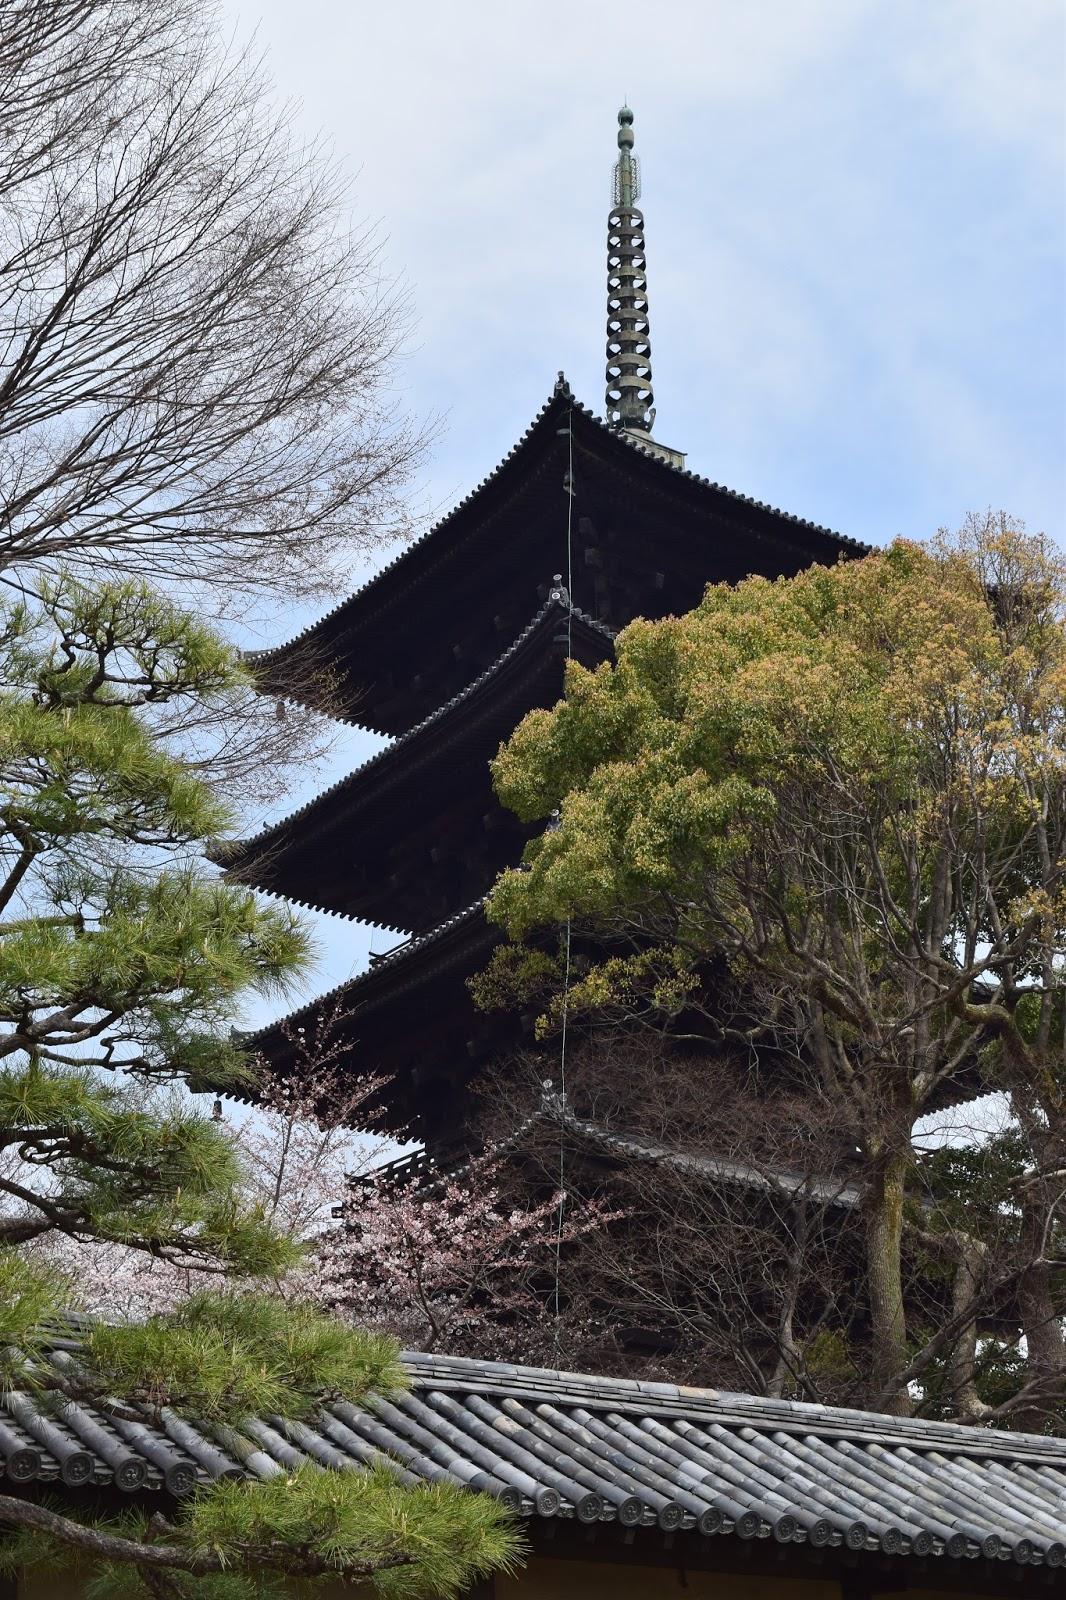 Toji pagoda